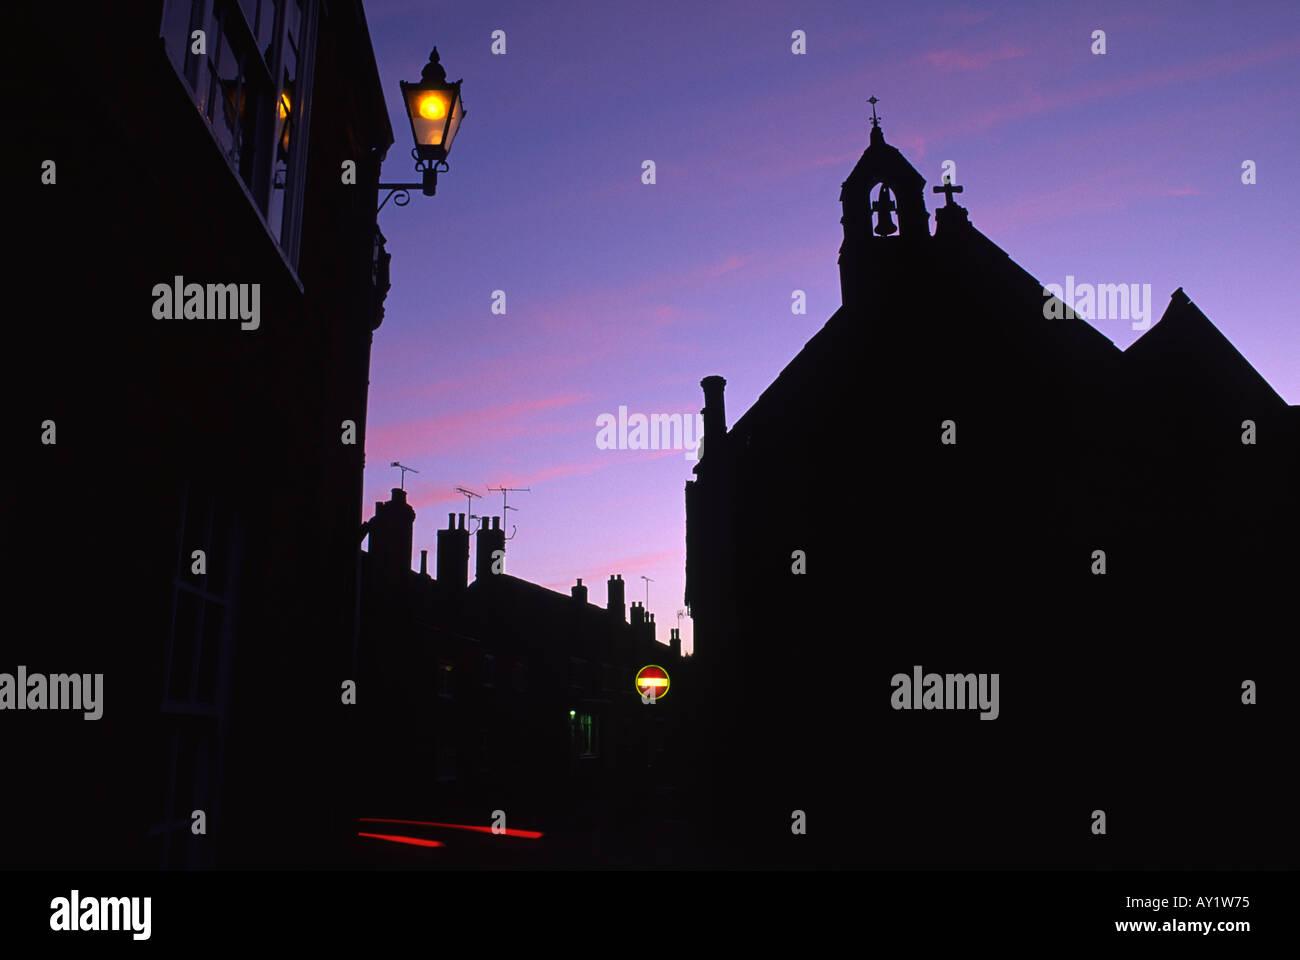 Silhouette della Almhouse al crepuscolo in Sherborne città contea di Dorset England Regno Unito Immagini Stock